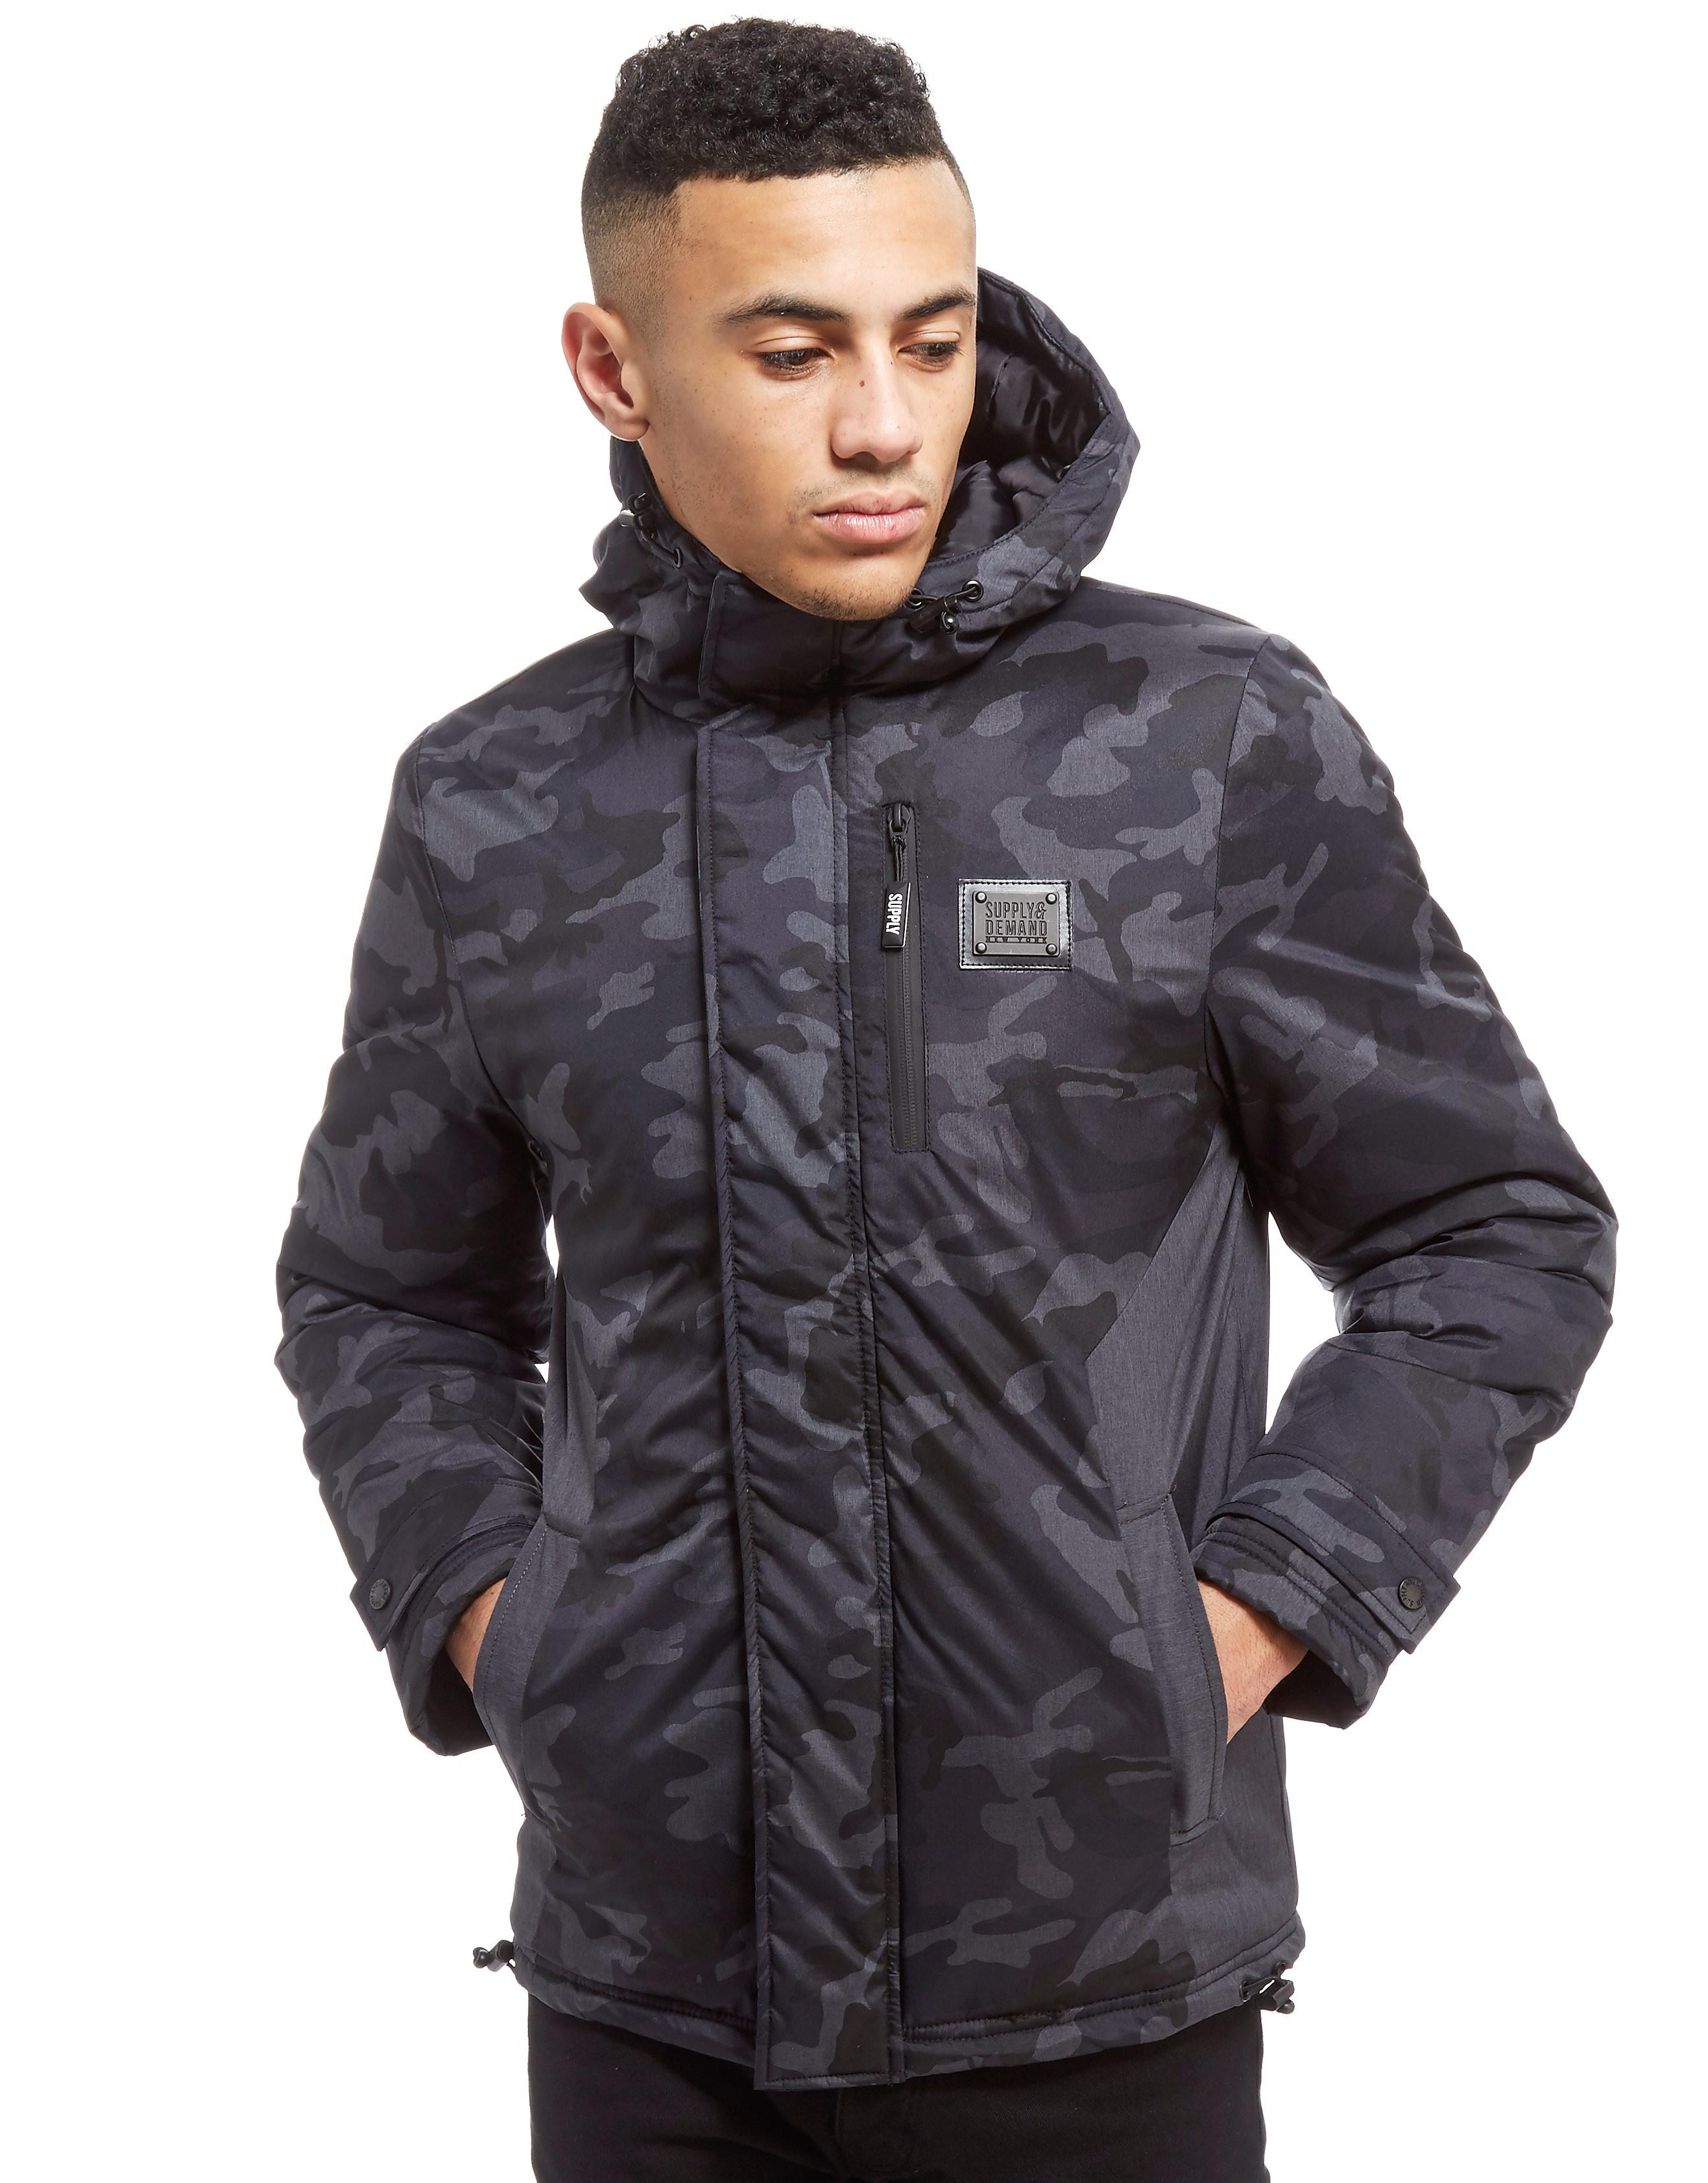 Supply & Demand Elmau Jacket - Only at JD, Black